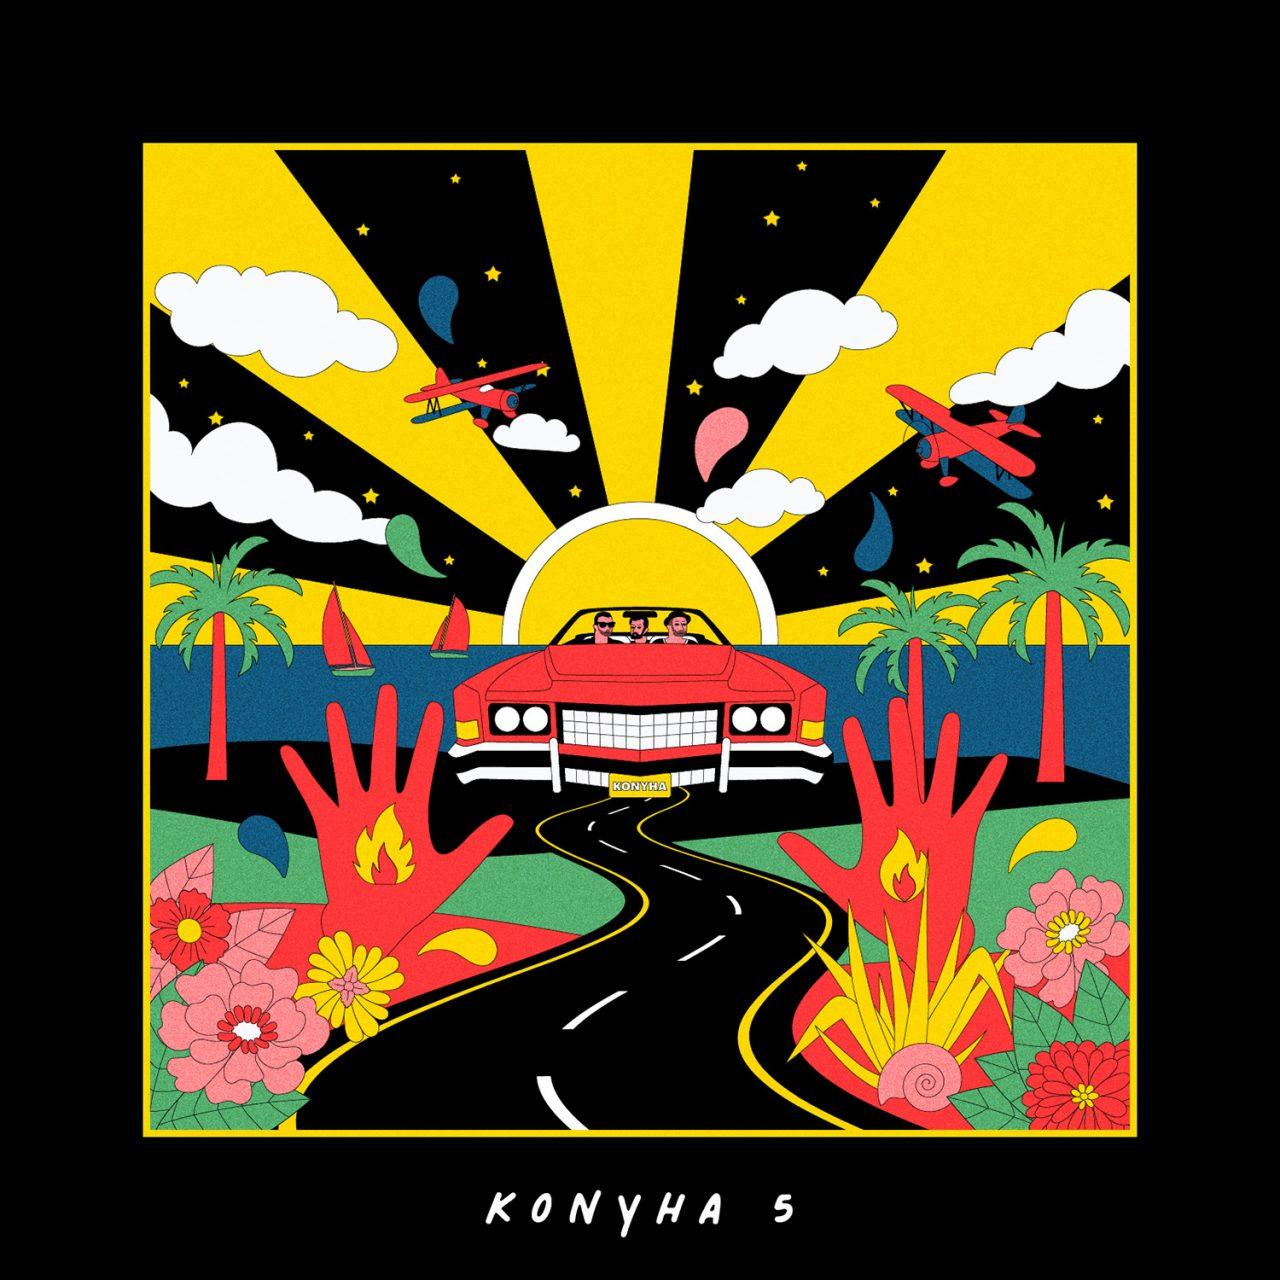 konyha-5